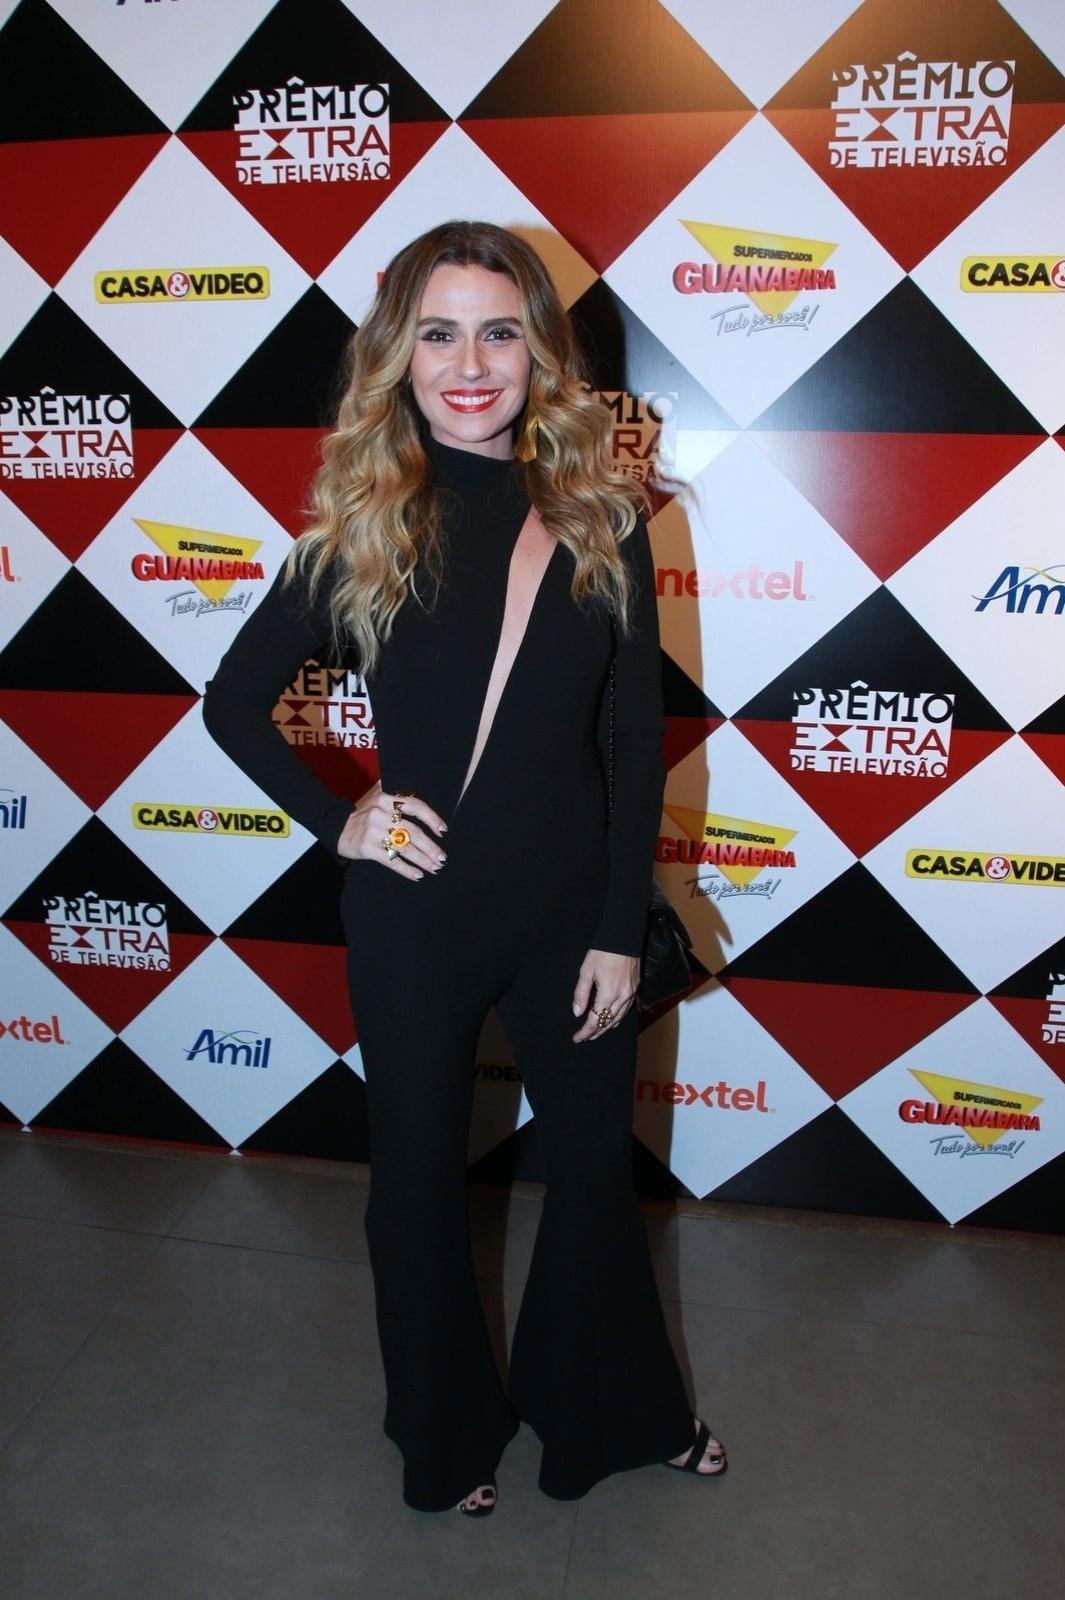 17.nov.2015 - Giovanna Antonelli na 17ª edição do Prêmio Extra de Televisão, no Rio de Janeiro